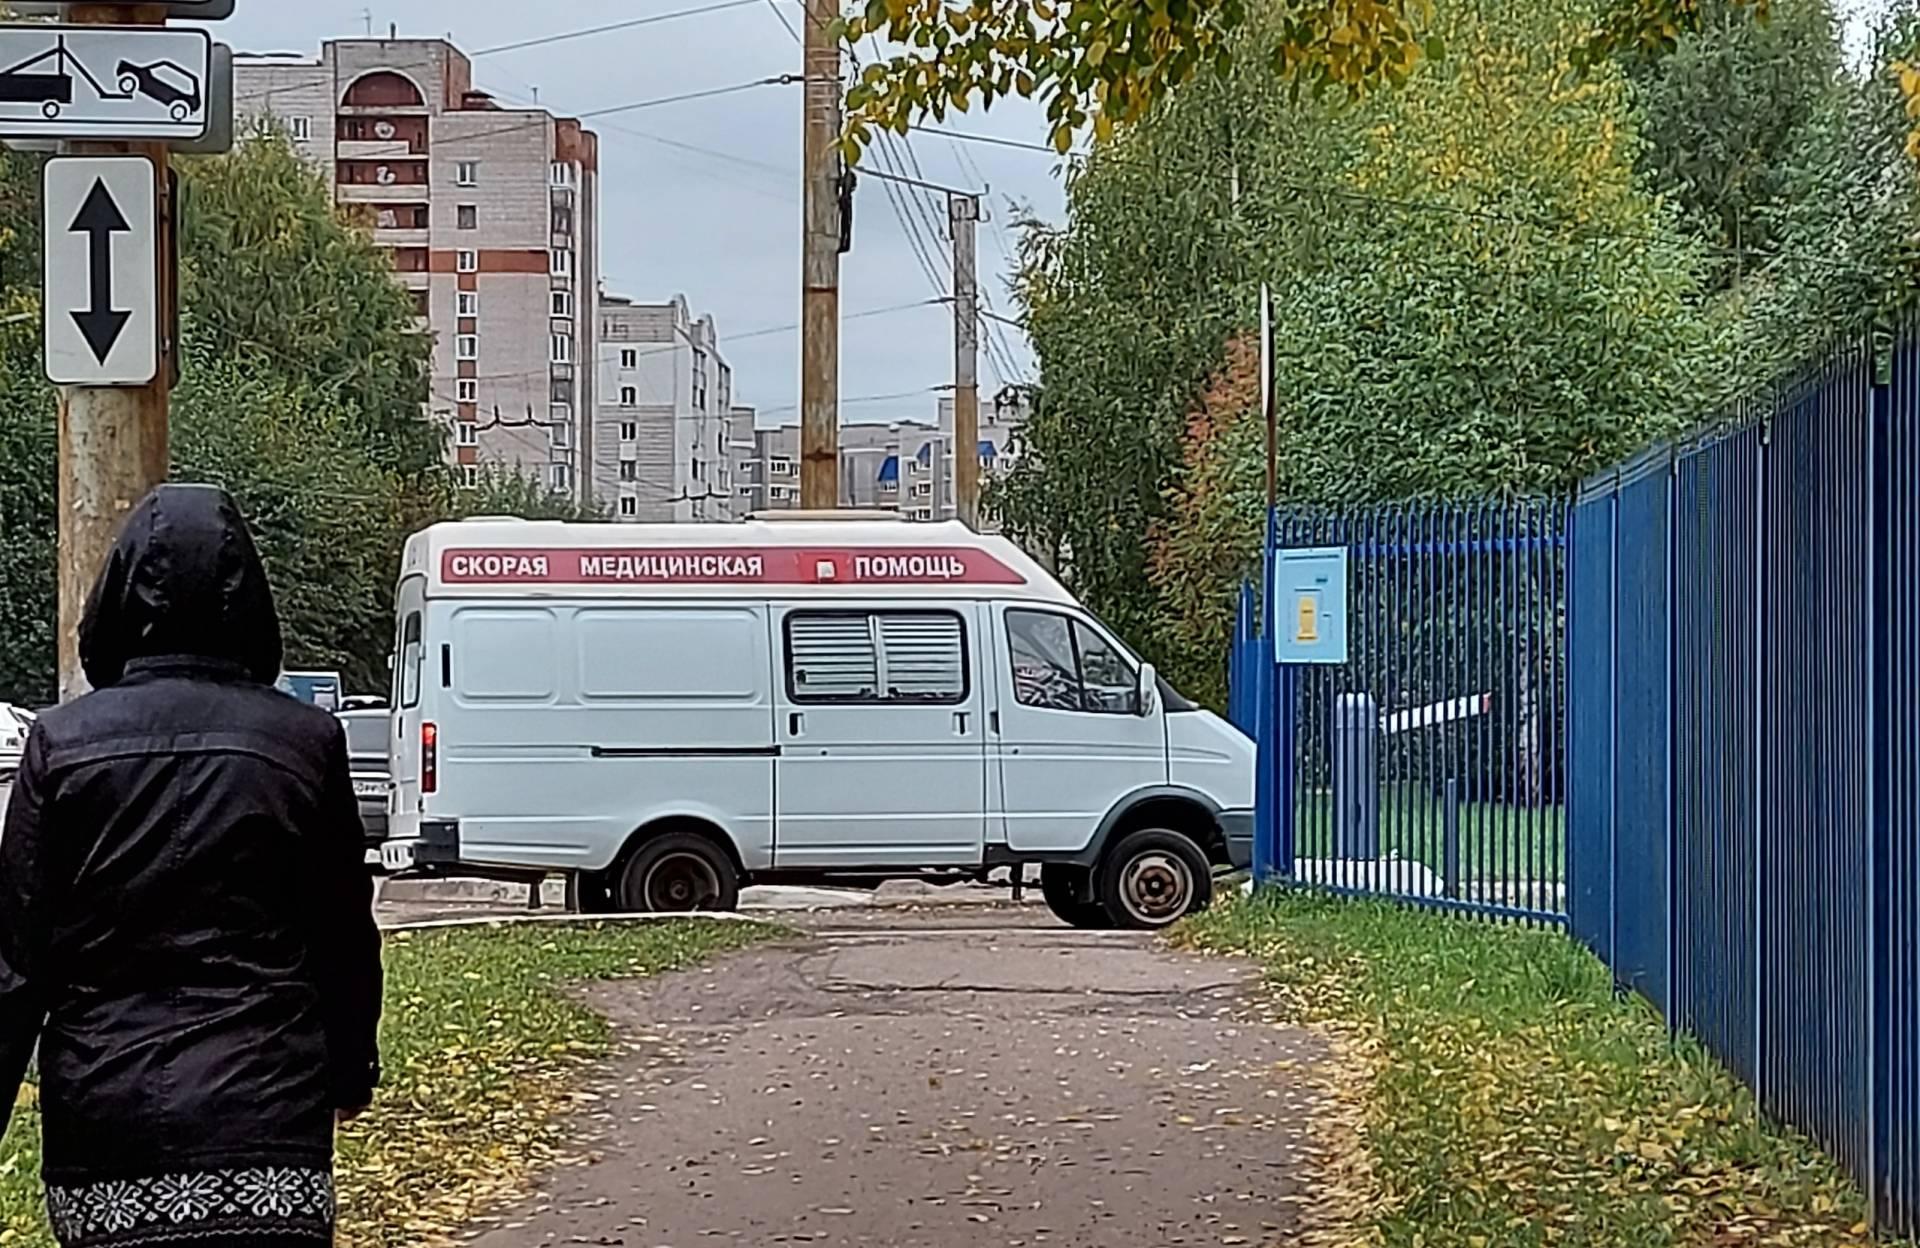 В Кировской области 60 случаев коронавируса выявлено за сутки